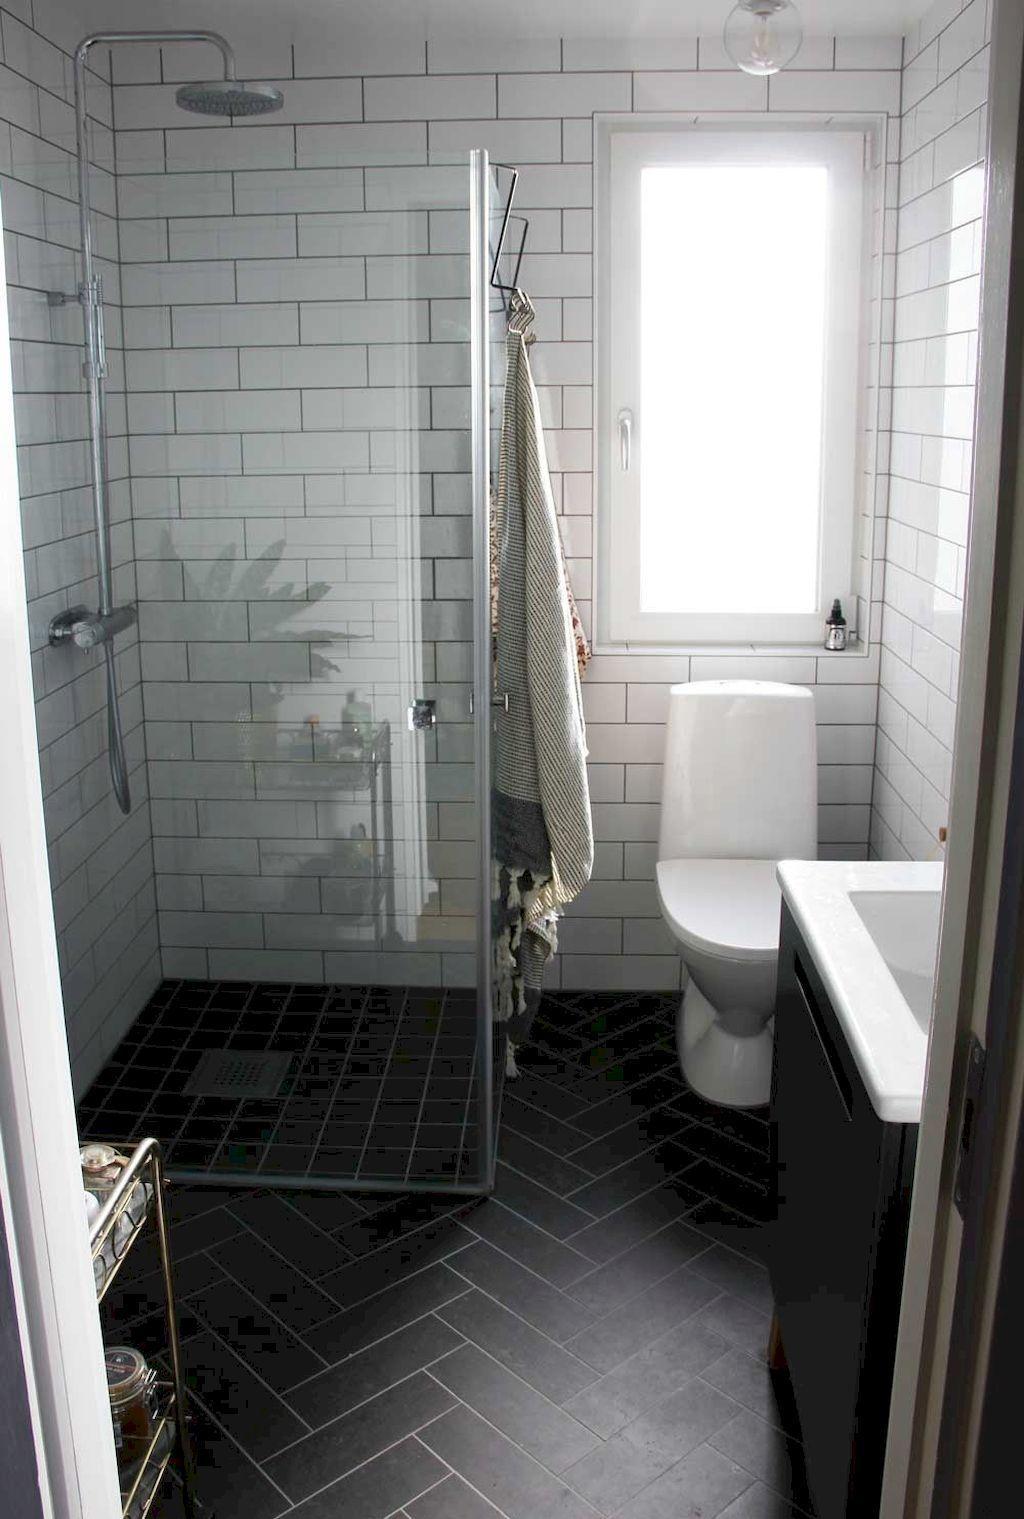 80 Modern Black And White Bathroom Decoration Ideas 22 Disegno Bagno Idee Per Il Bagno Rimodellamento Doccia